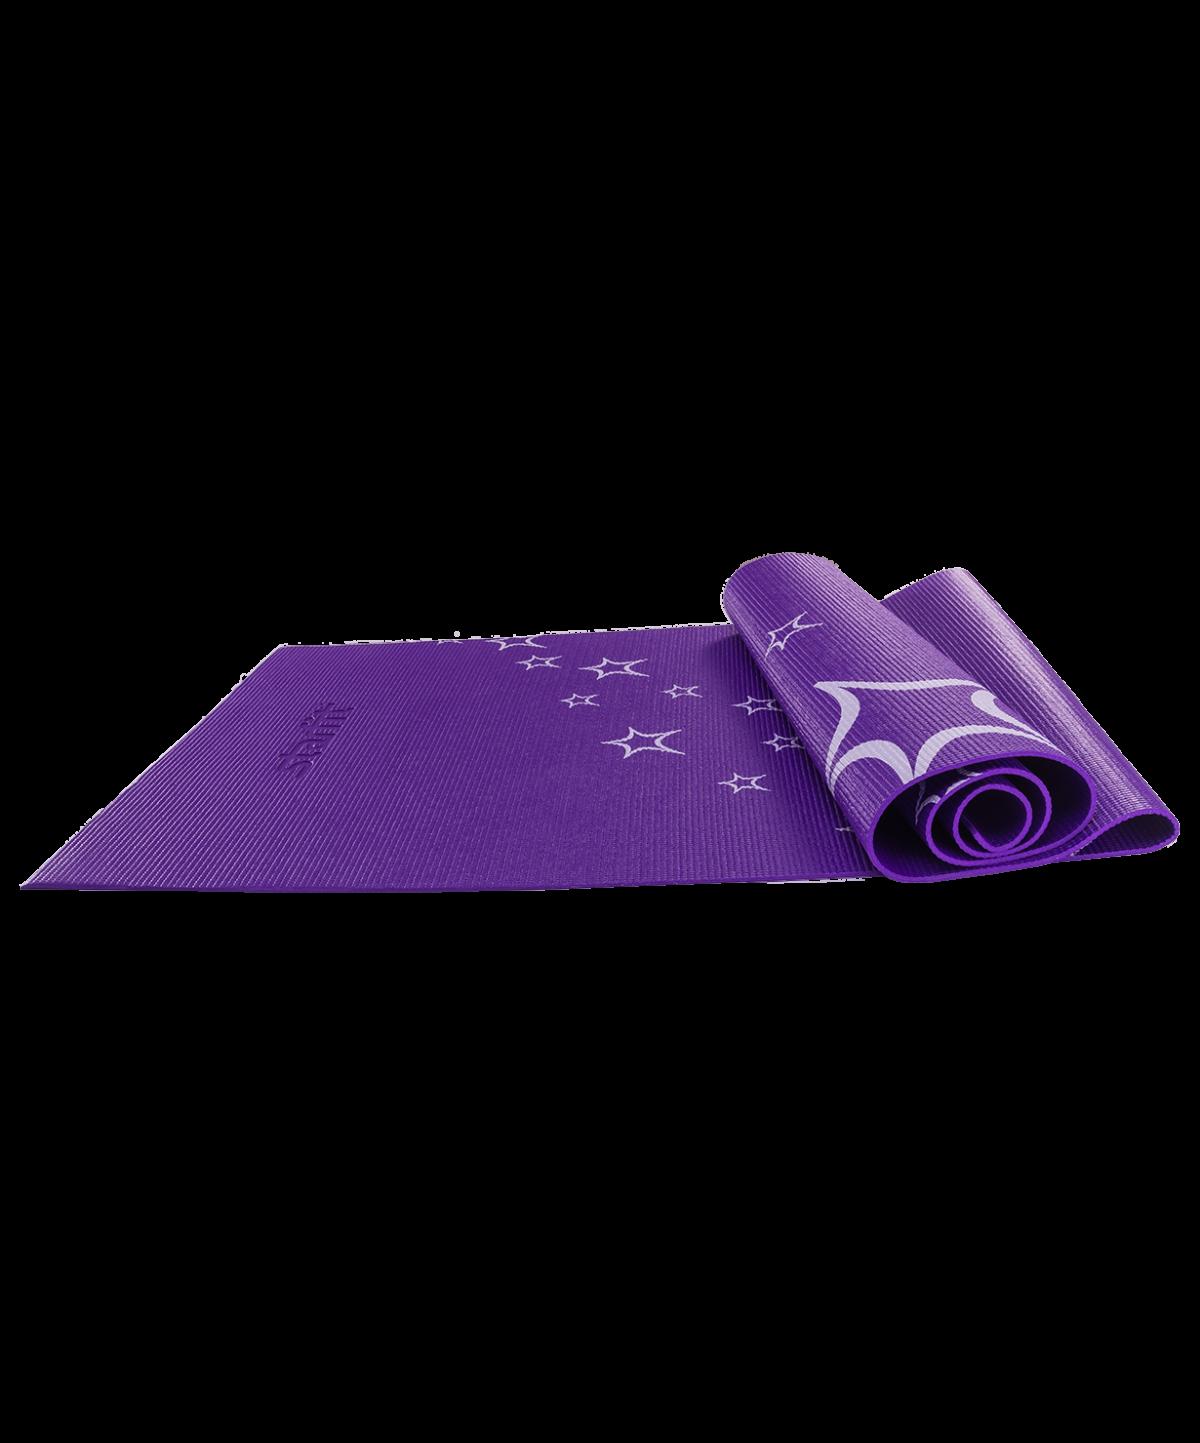 STARFIT Коврик для йоги с рисунком FM-102 173х61х0,5см: фиолетовый - 1